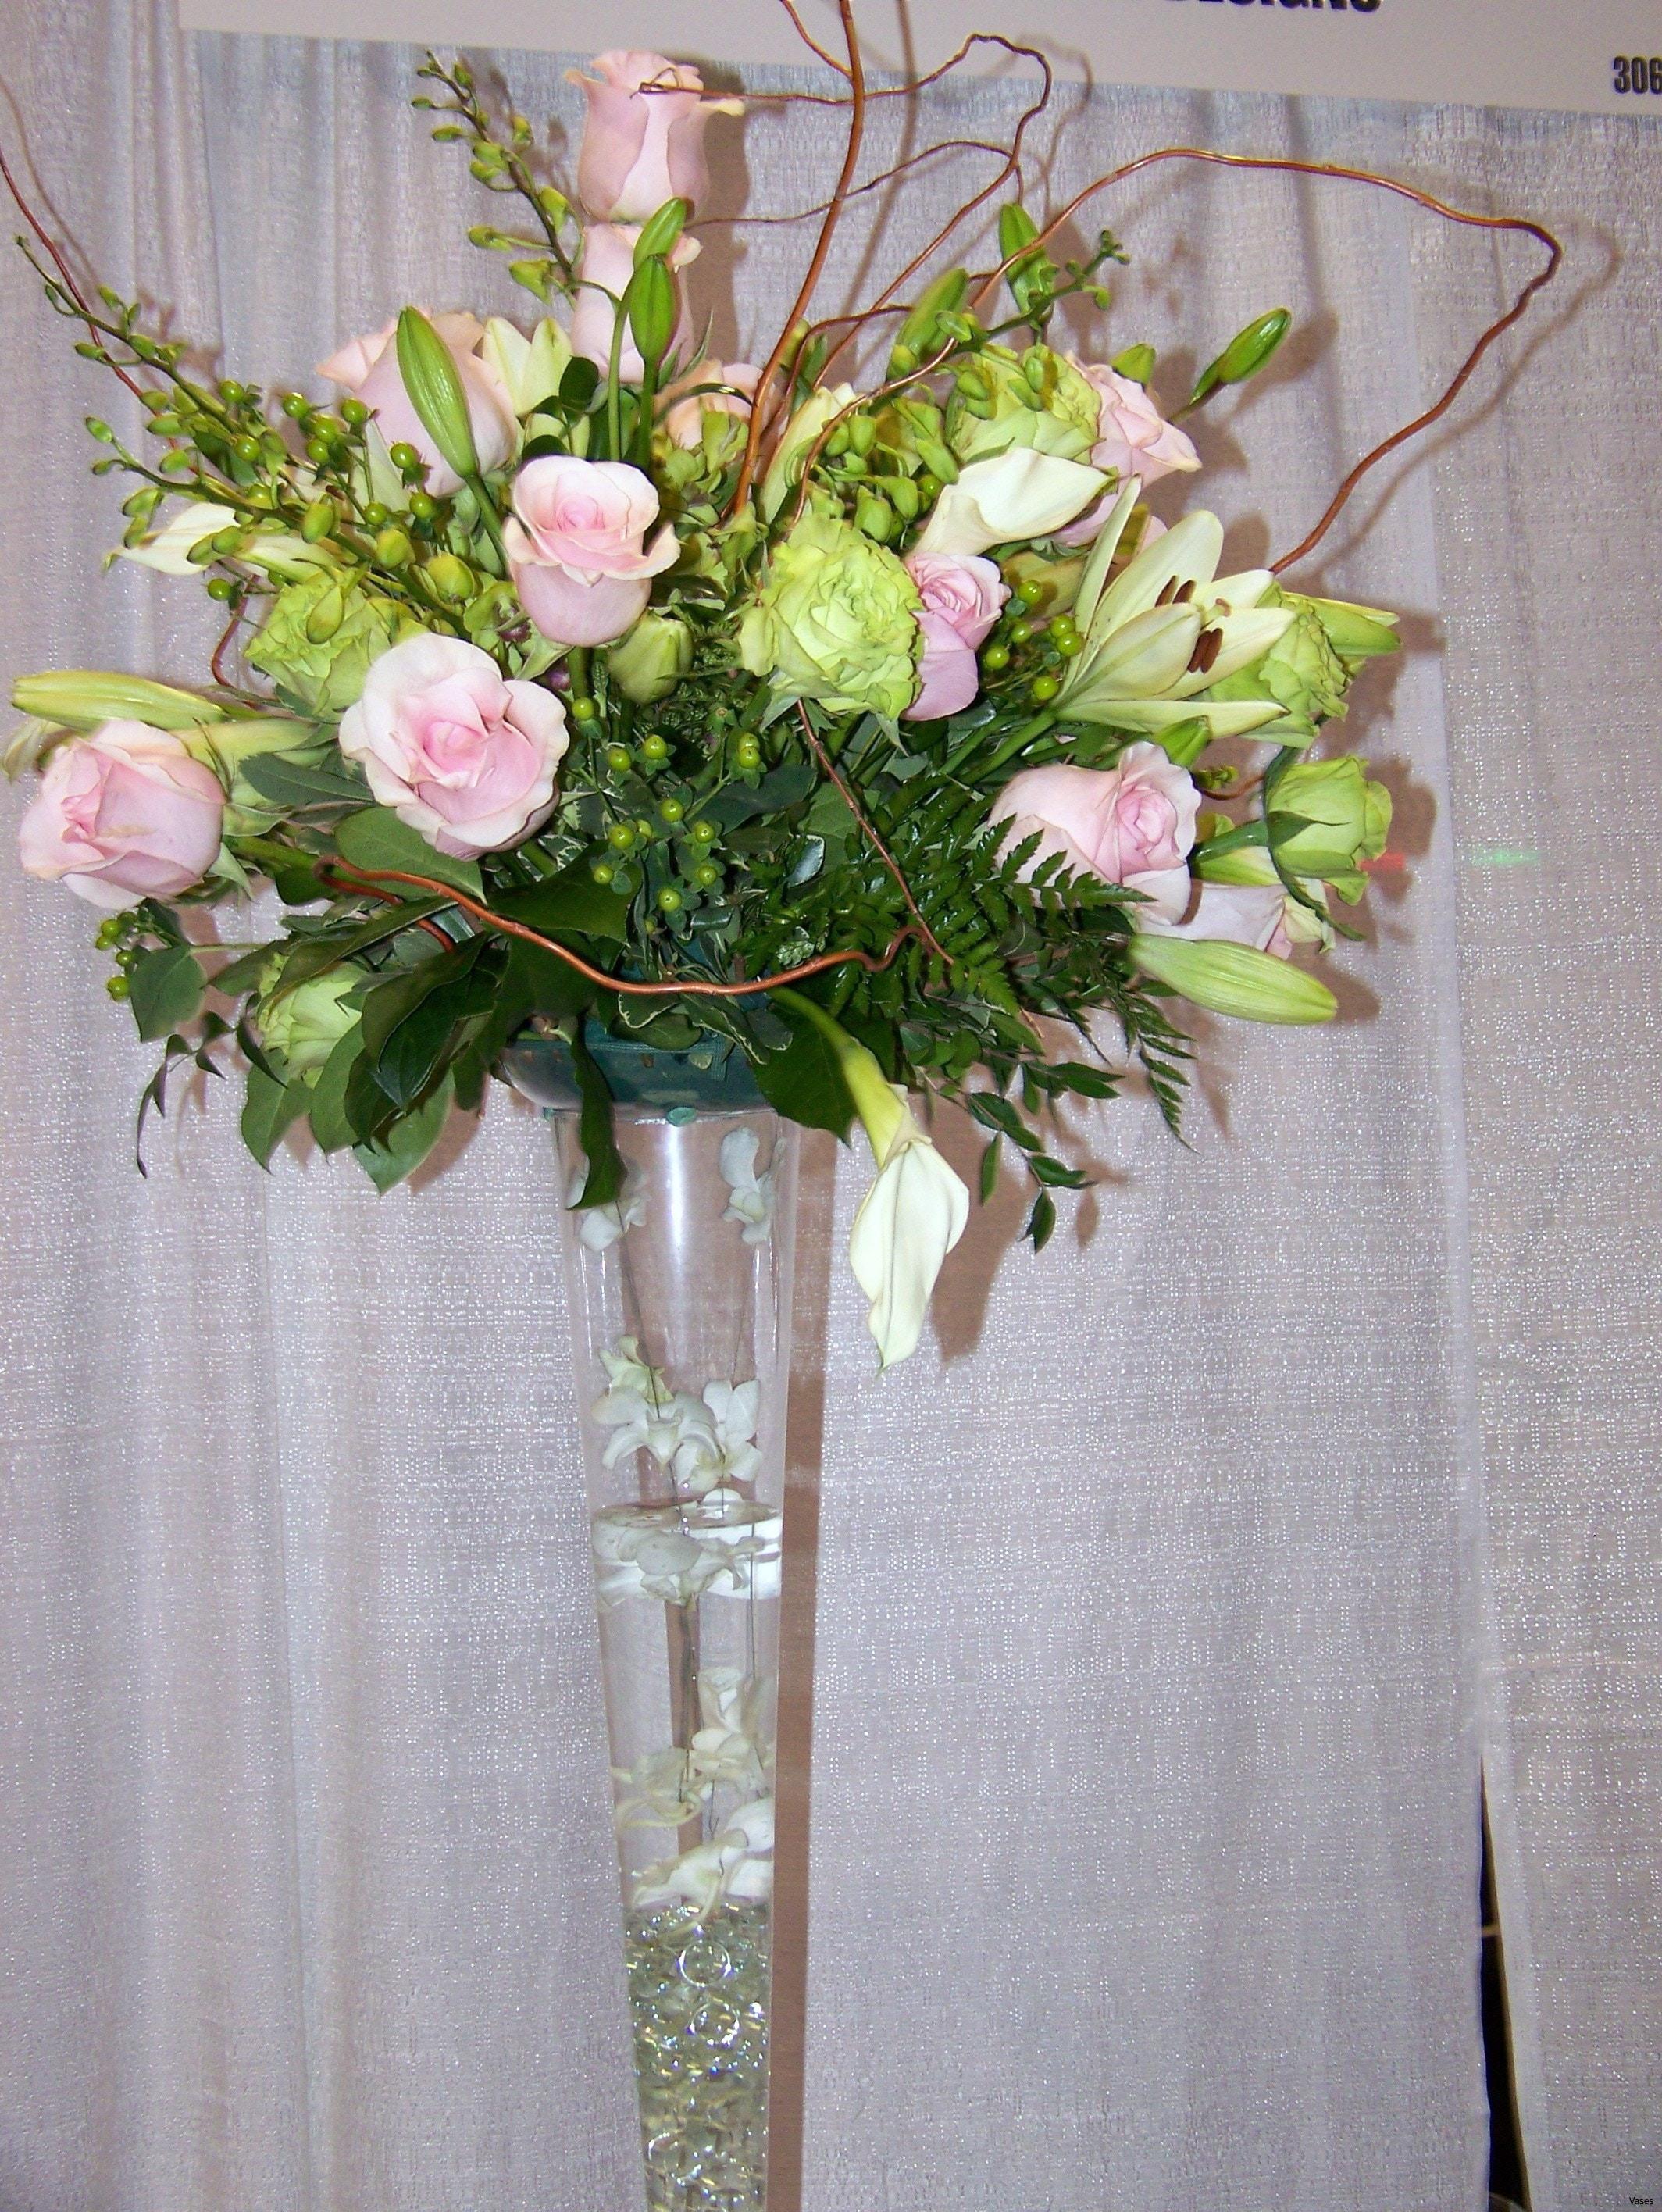 footed glass vase of rose bowl vase gallery h vases ideas for floral arrangements in i 0d for rose bowl vase gallery h vases ideas for floral arrangements in i 0d design ideas design